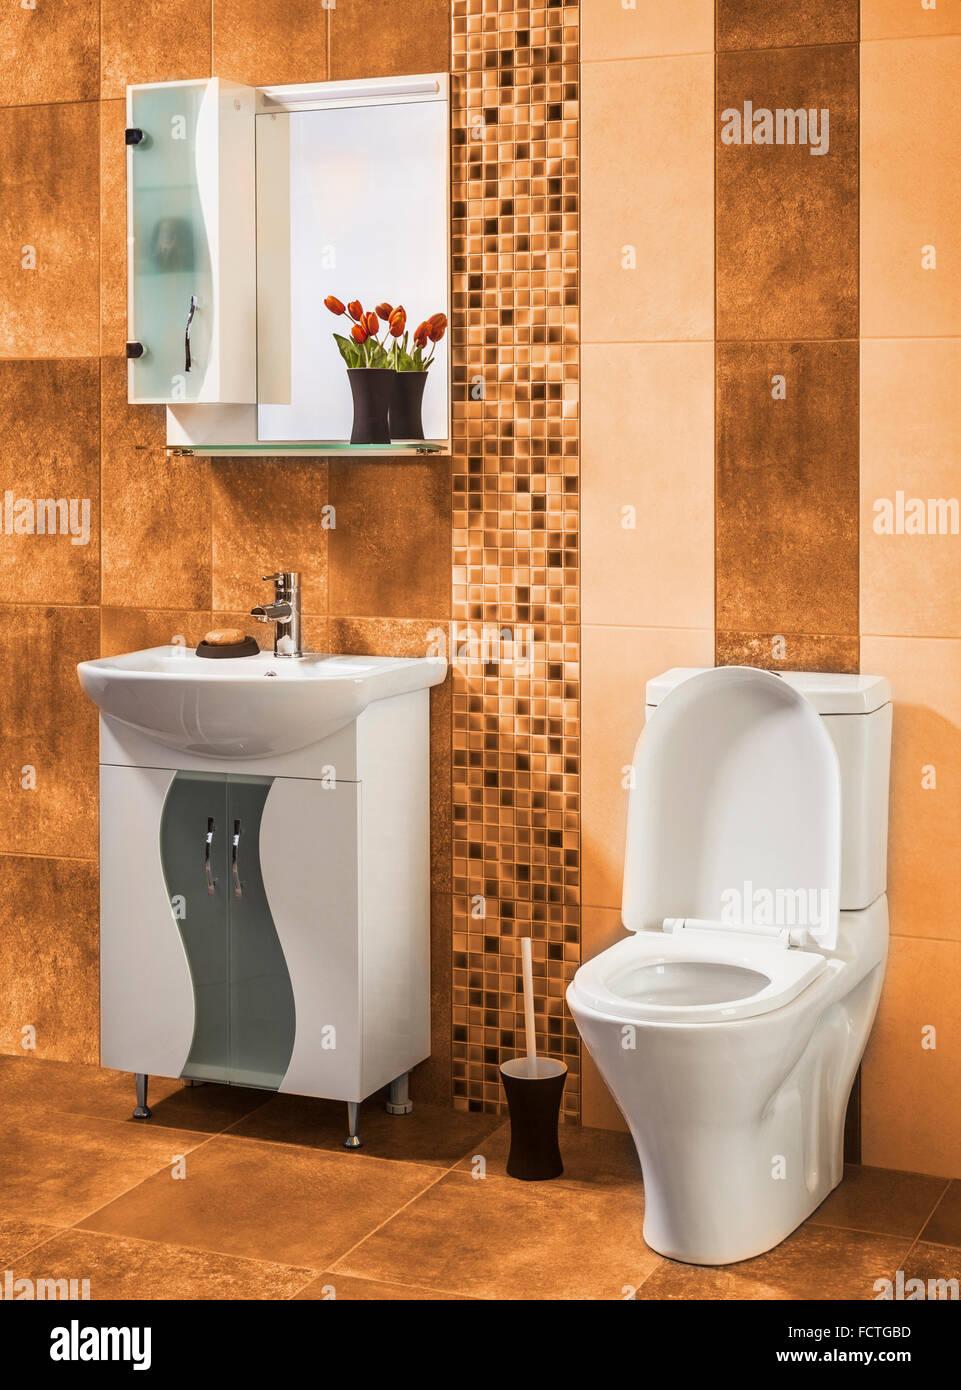 Piastrelle Arancioni Per Bagno bella ed elegante bagno decorato con fiori con piastrelle di